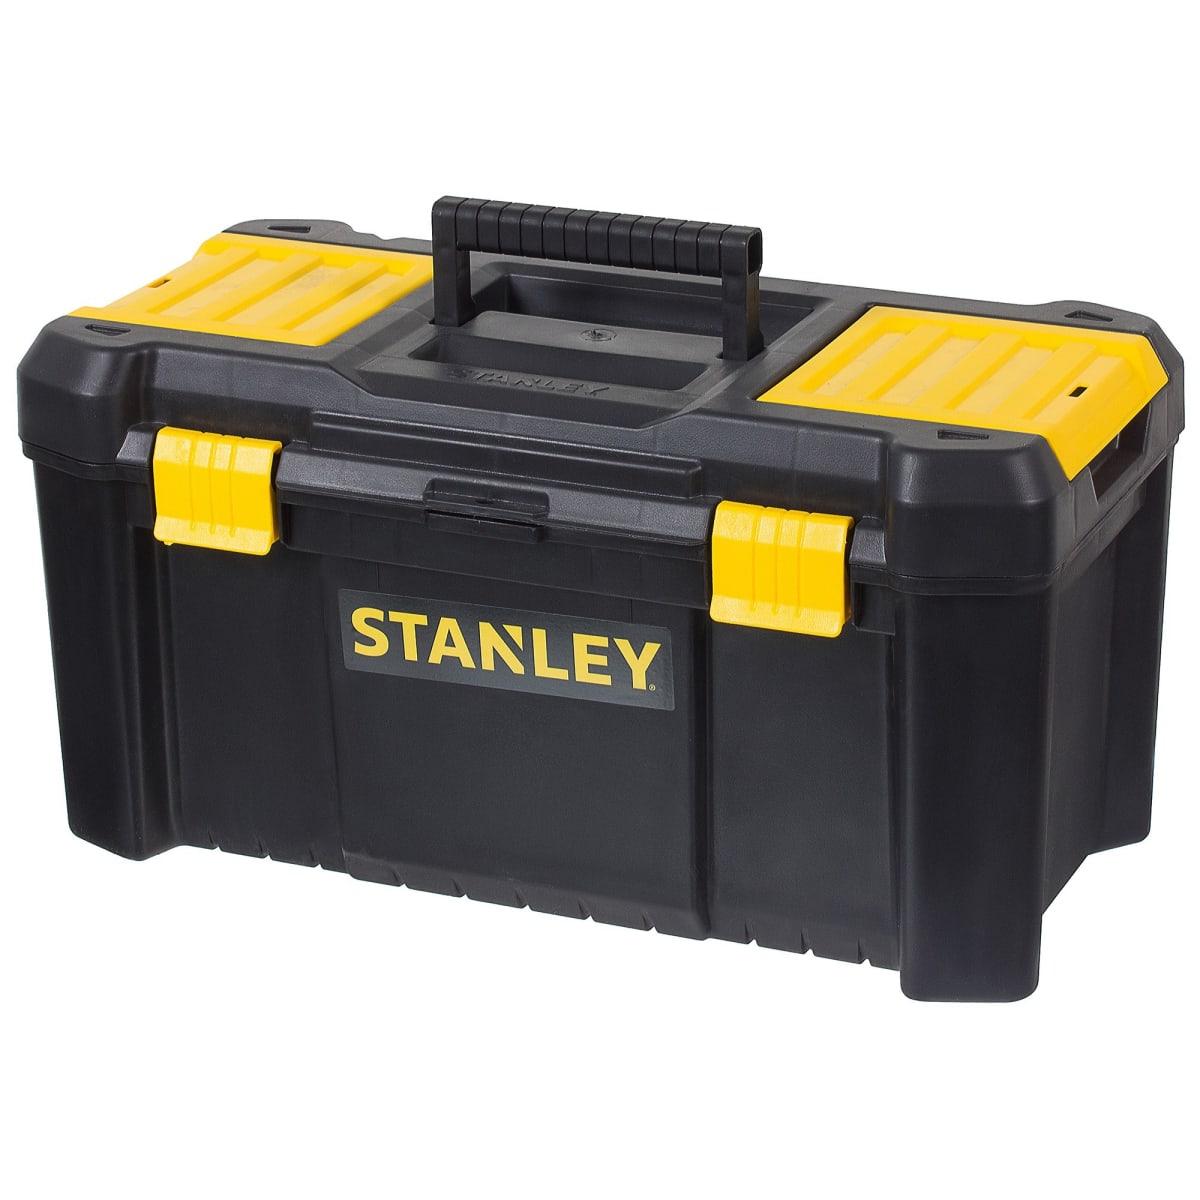 Ящик для инструментов Stanley пластиковый 48х25х24 см